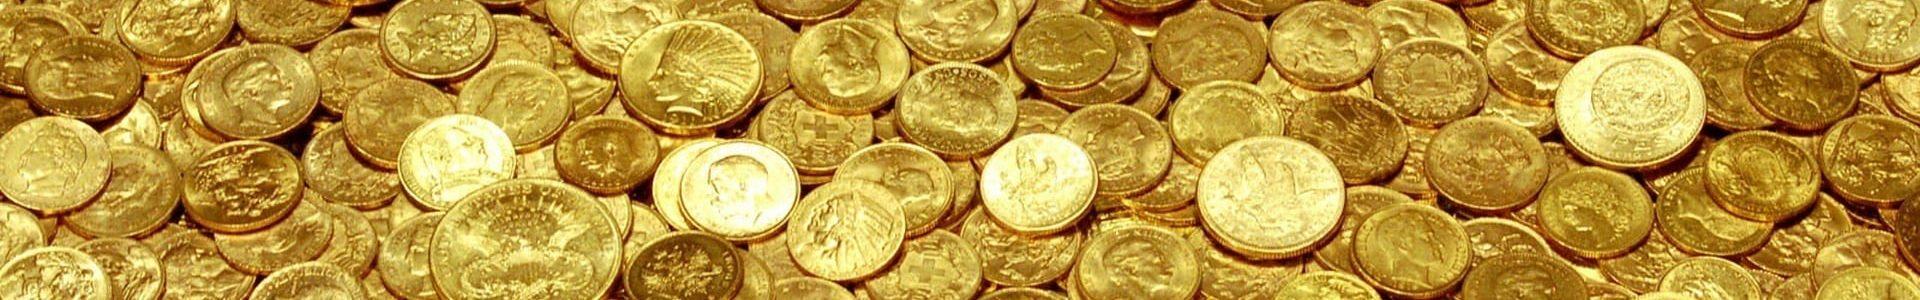 Из чего делают монеты — секреты промышленного изготовления